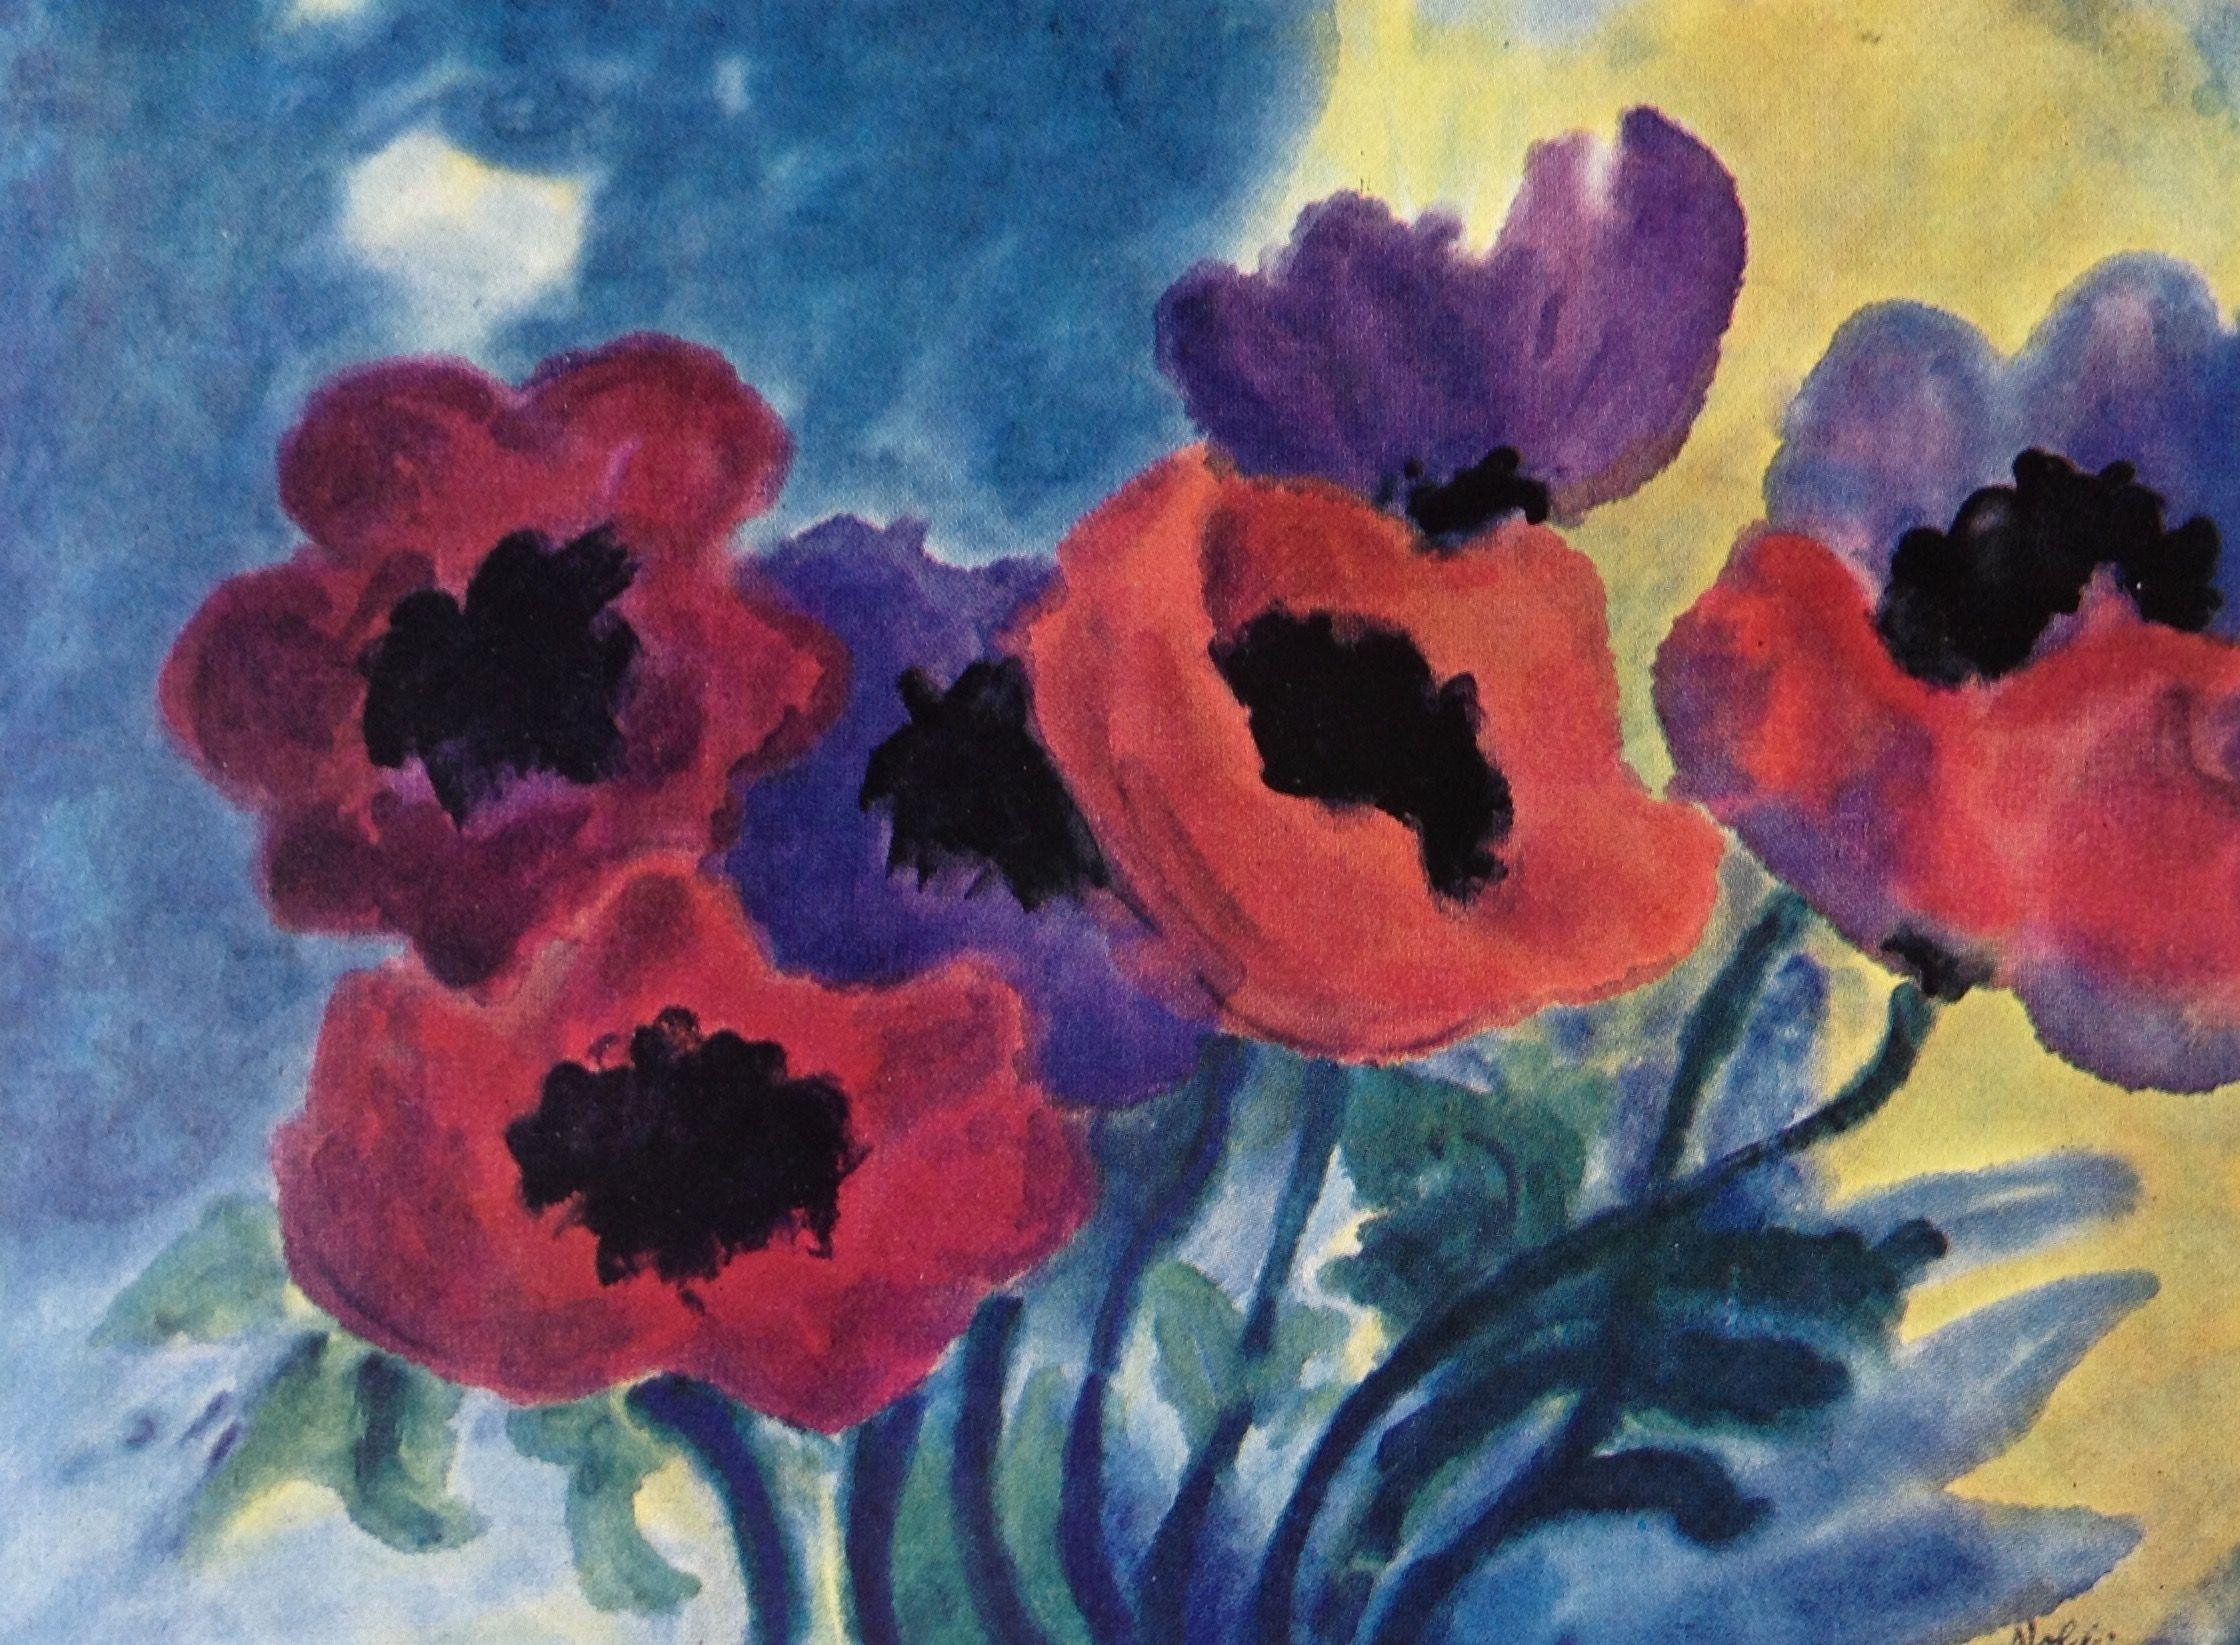 Emil Nolde Violette Und Rote Mohnblumen Emil Nolde Art Painting